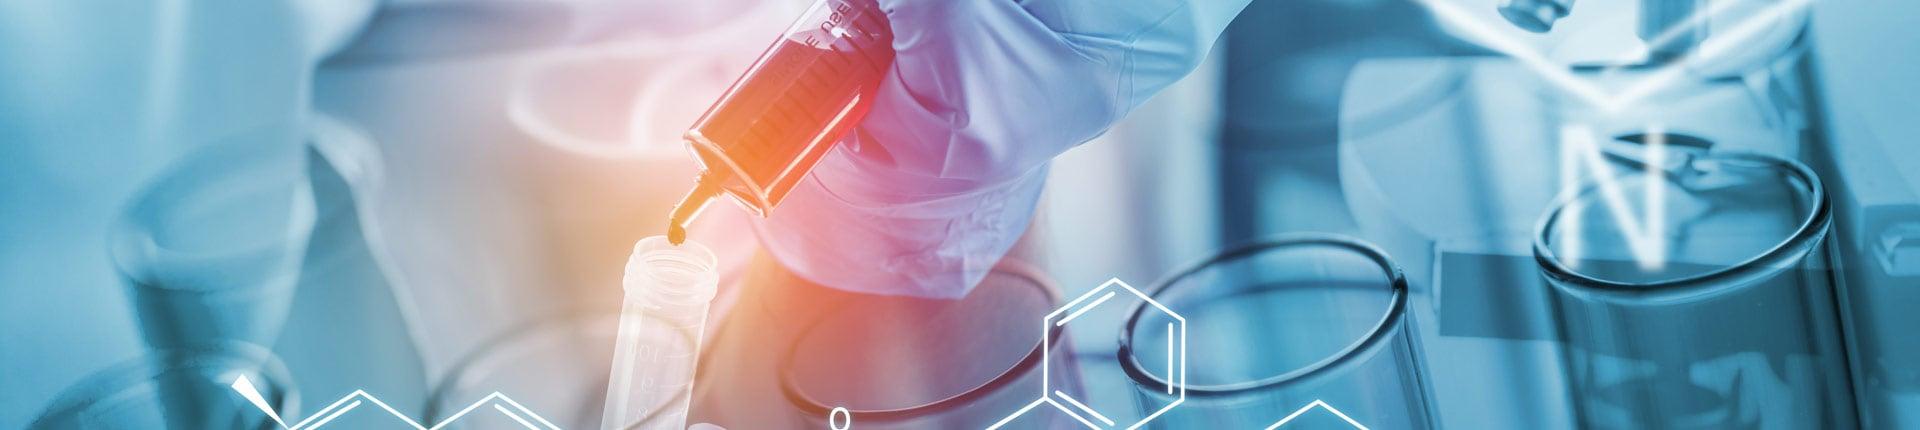 Paracetamol - doping dla kolarzy?